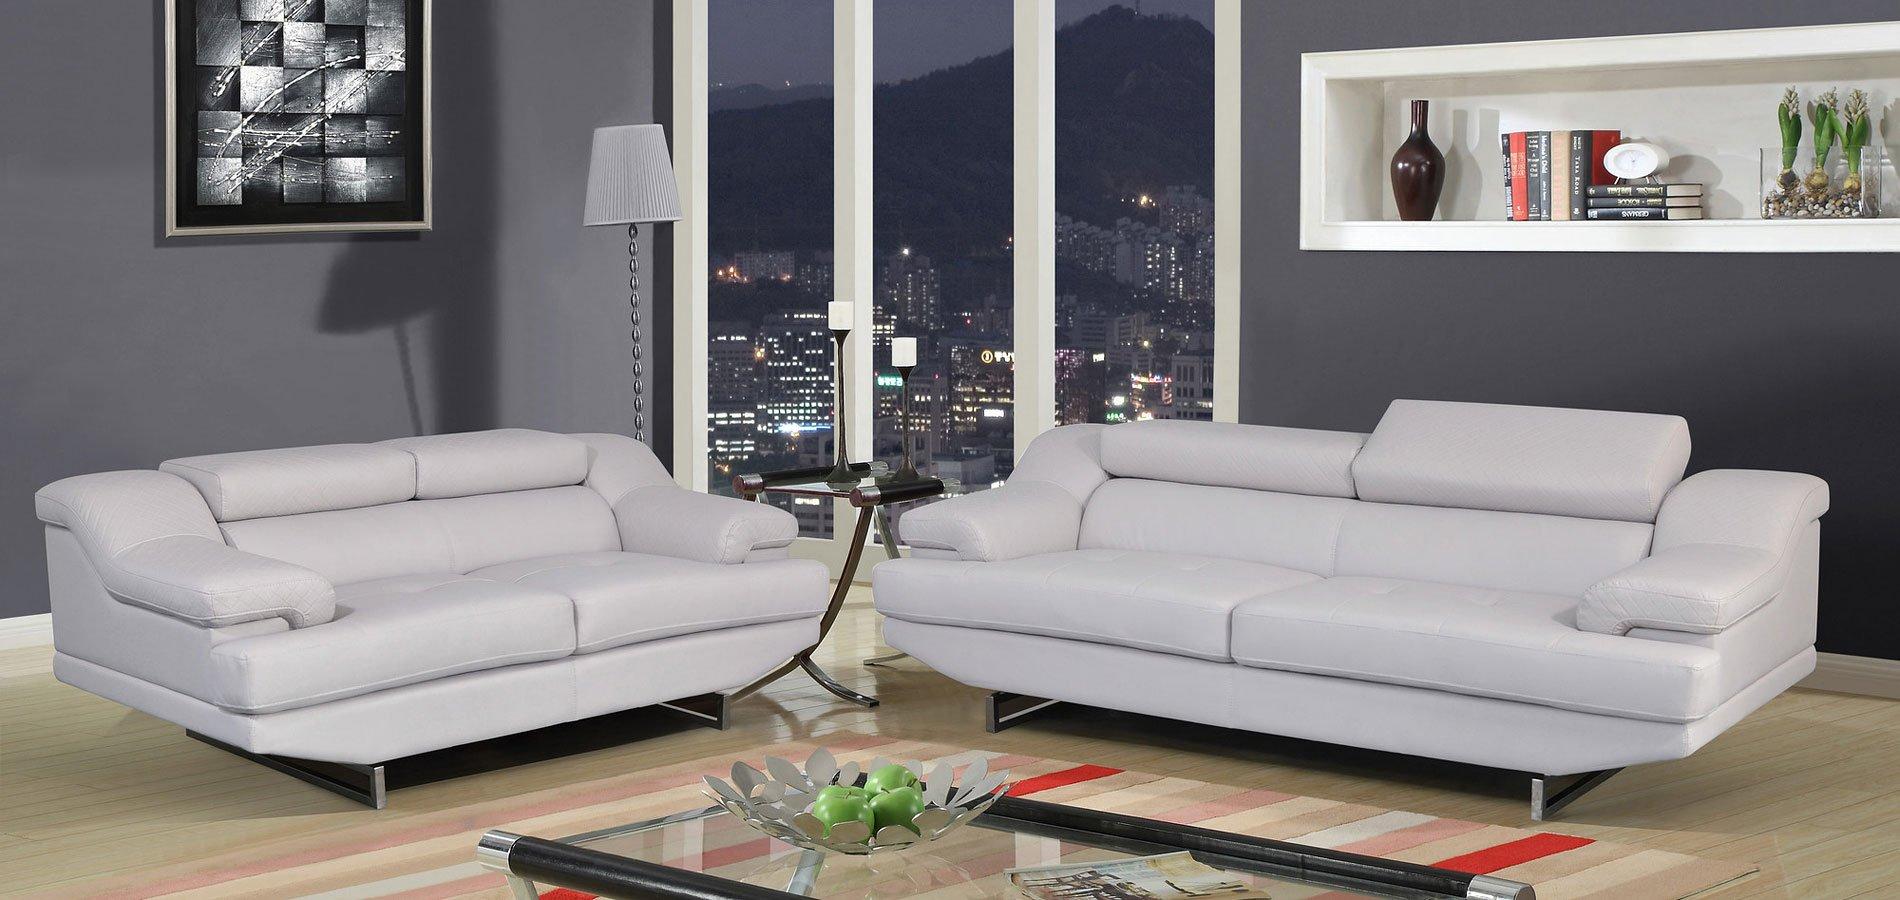 U8141 Living Room Set (Light Grey) Global Furniture